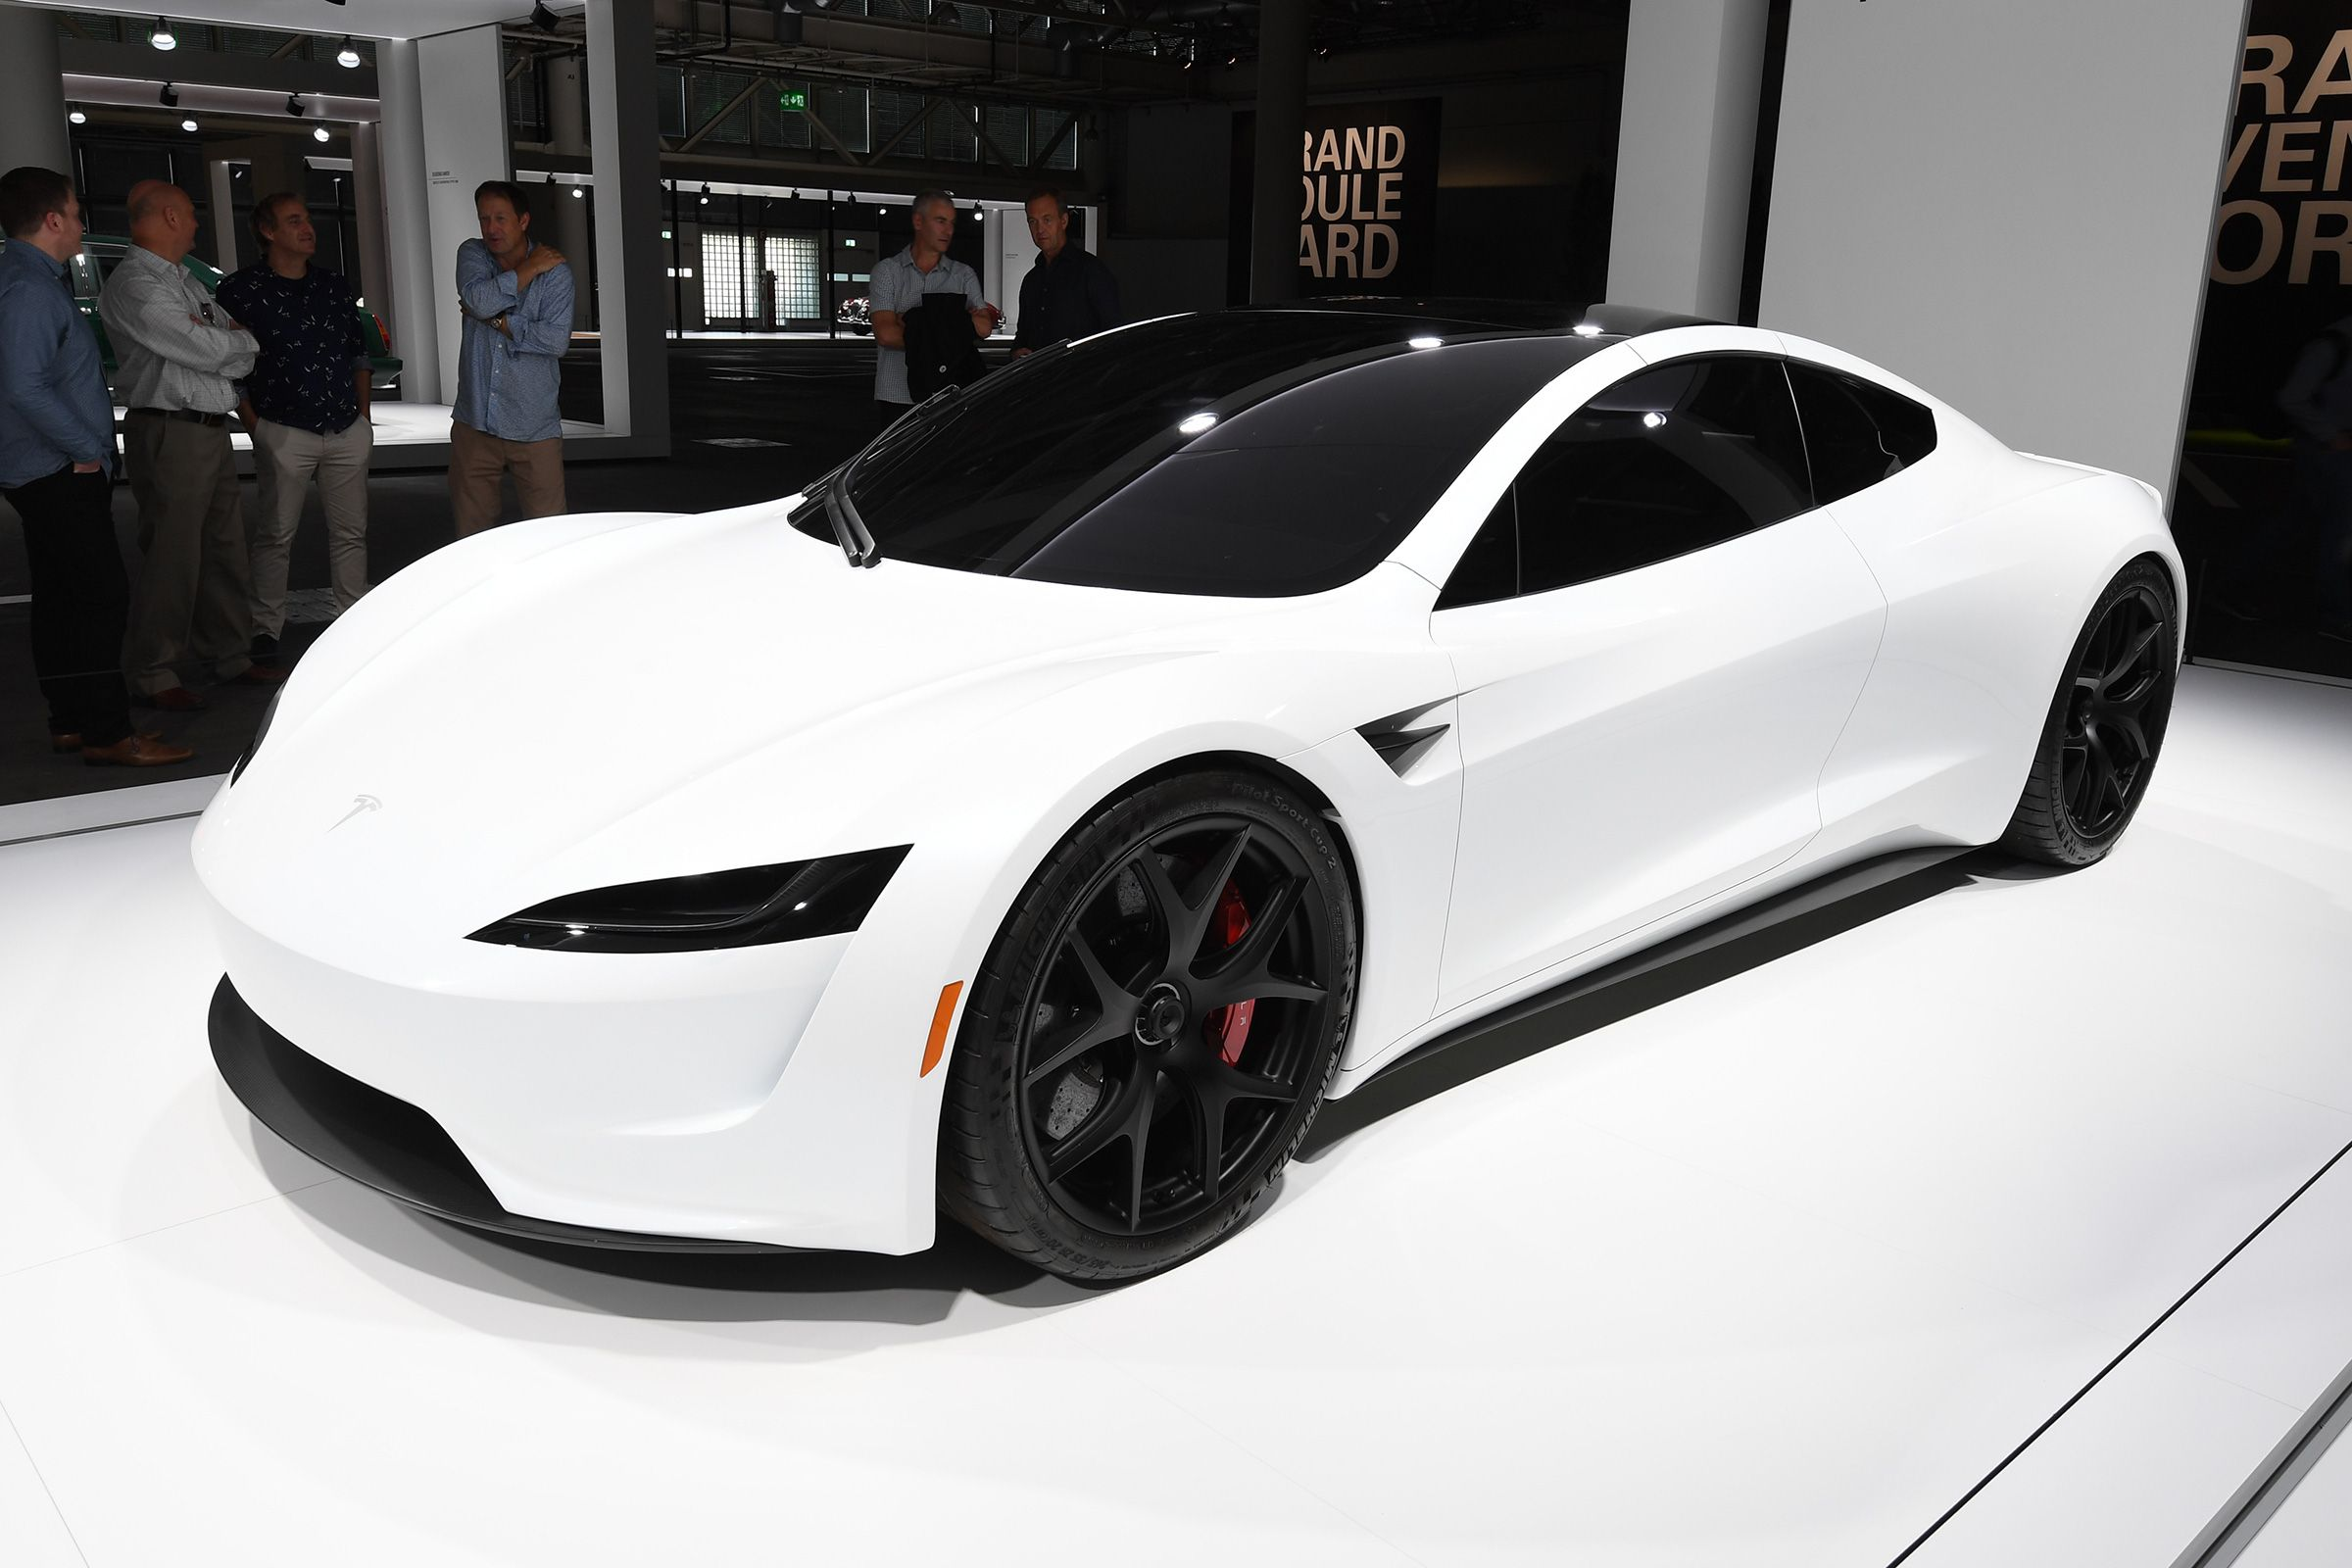 Next-generation Tesla Roadster | Tesla roadster, Super ...